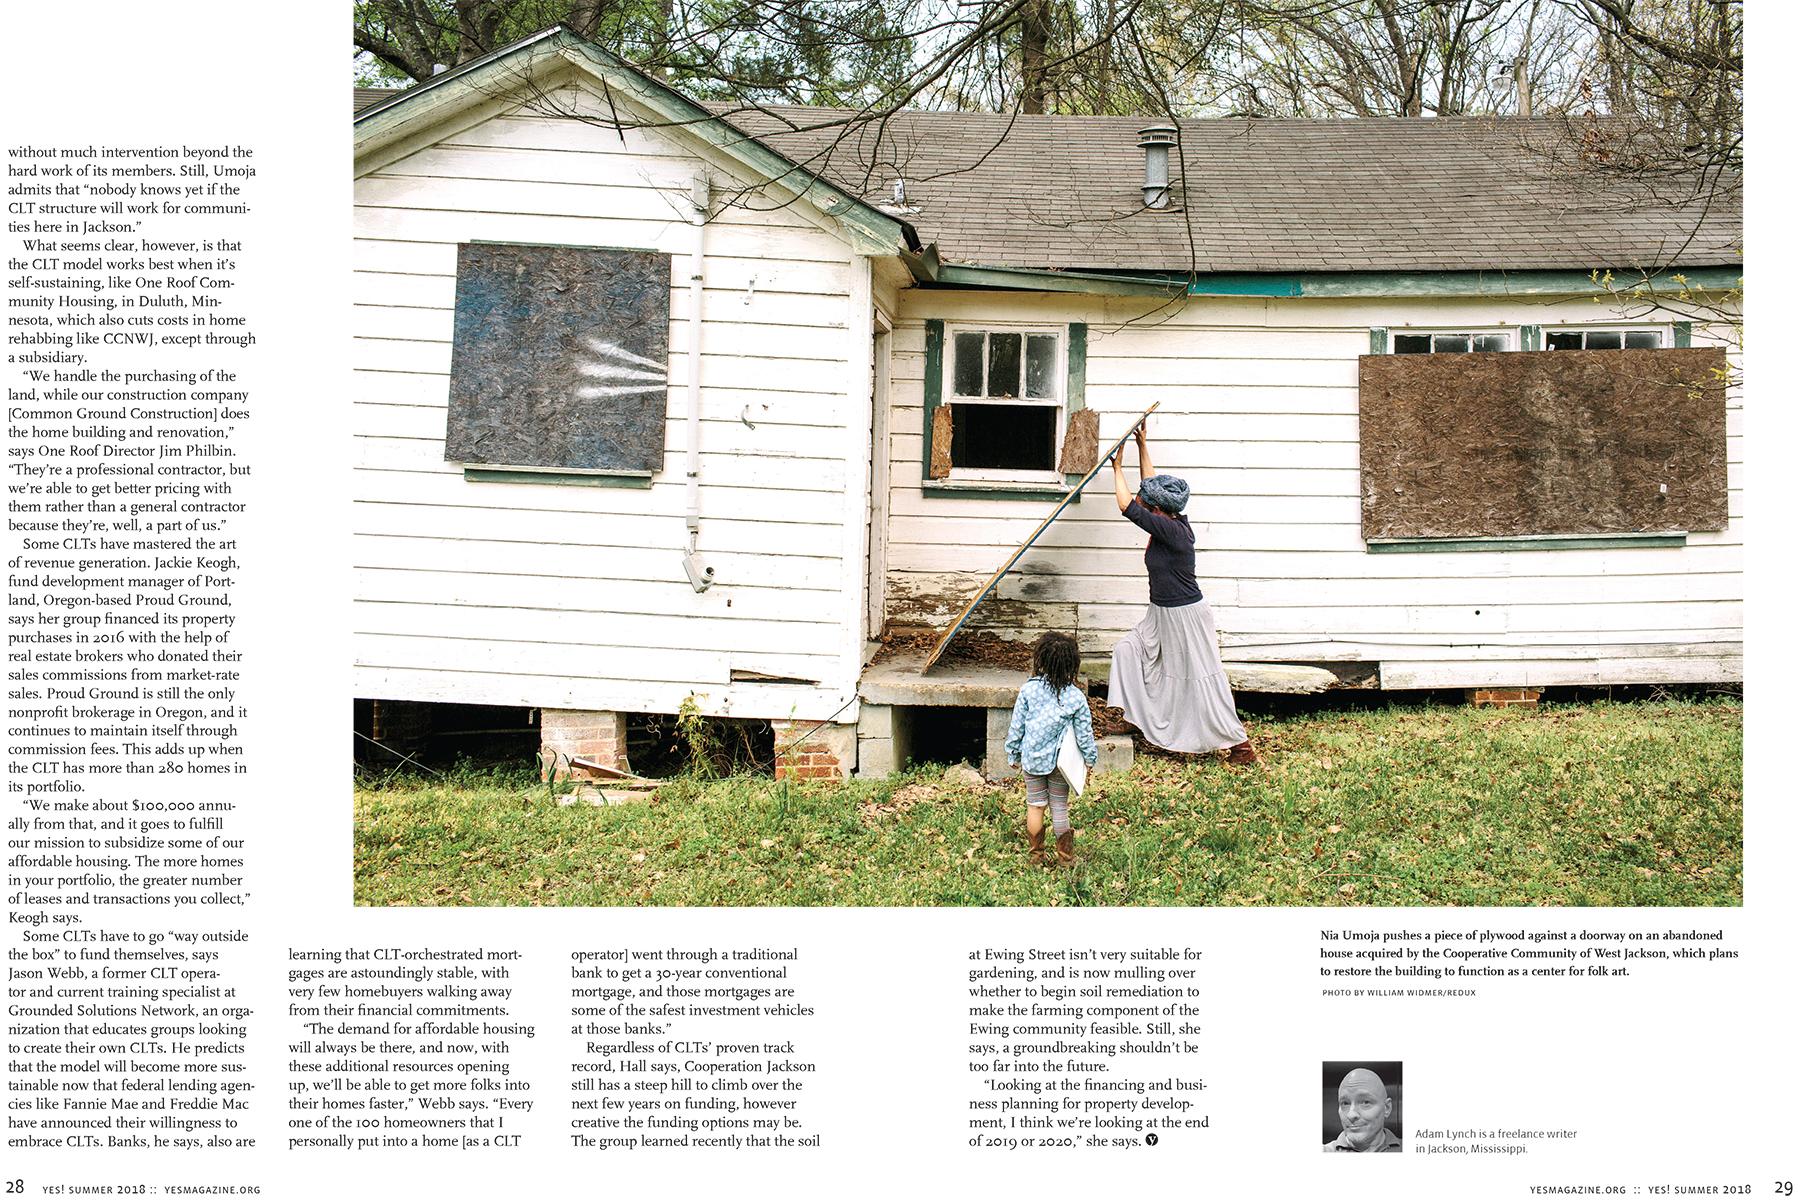 News — New Orleans / Chicago Photojournalist WILLIAM WIDMER